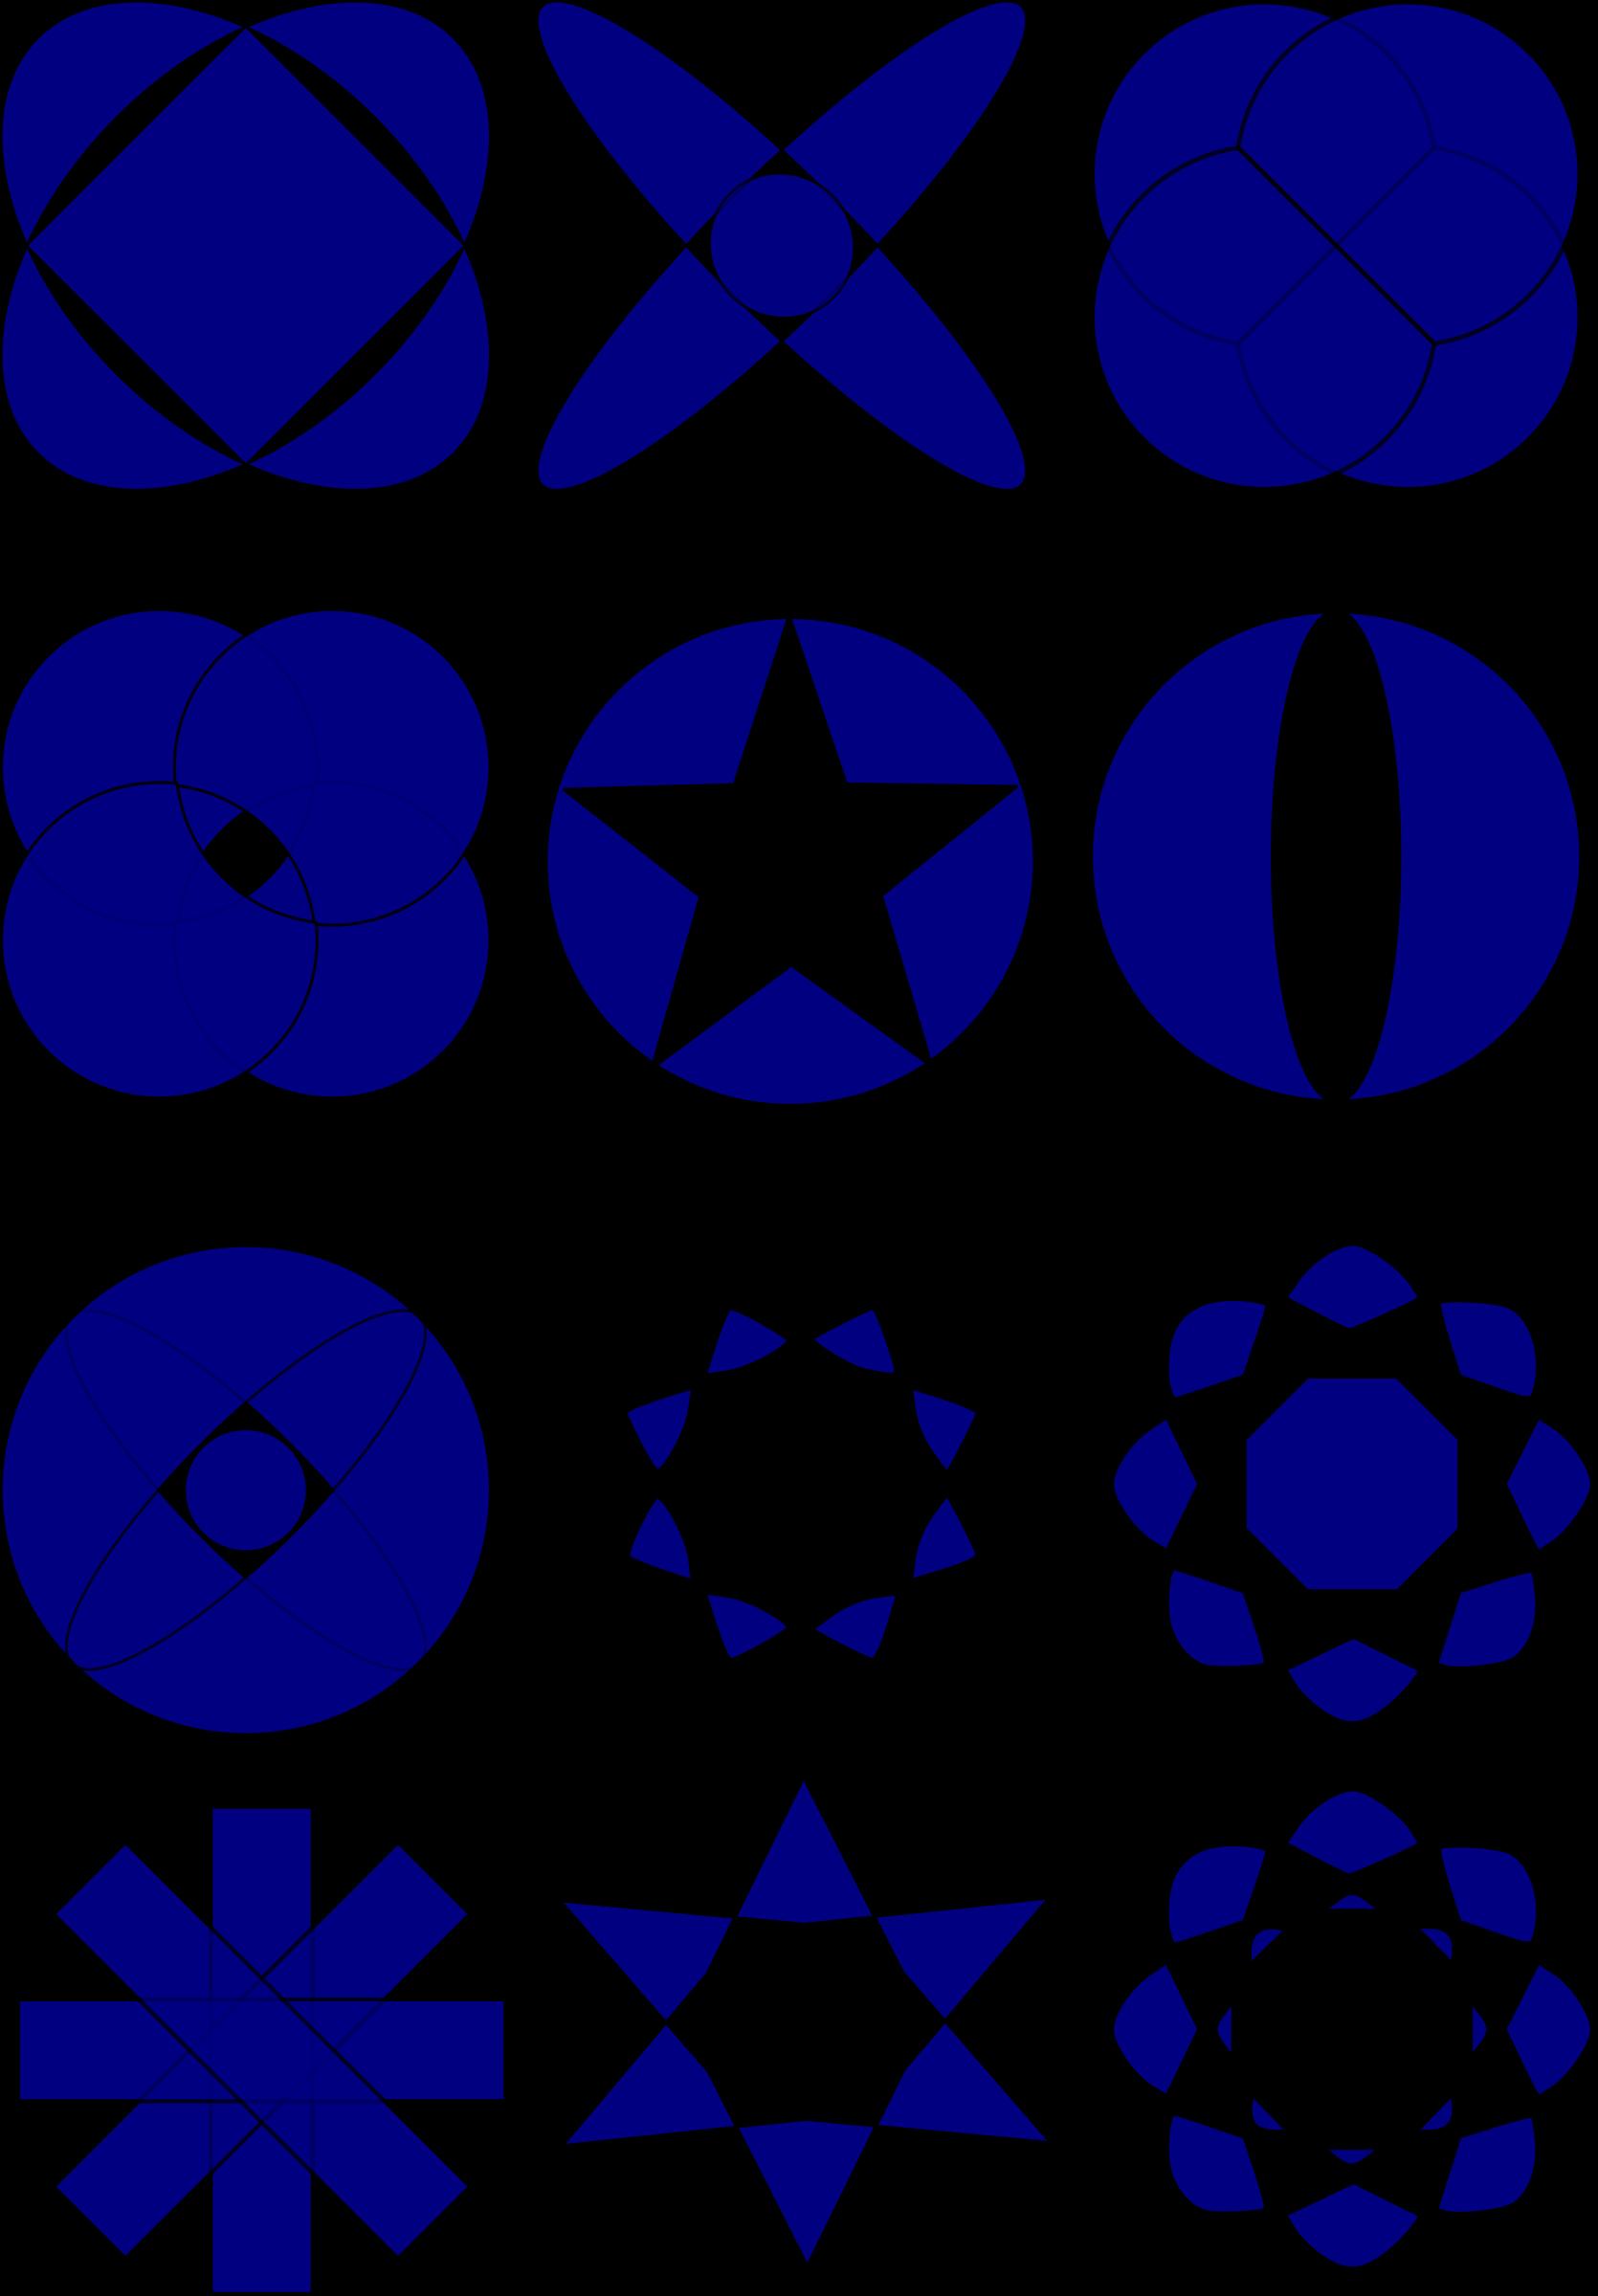 Geometry shap